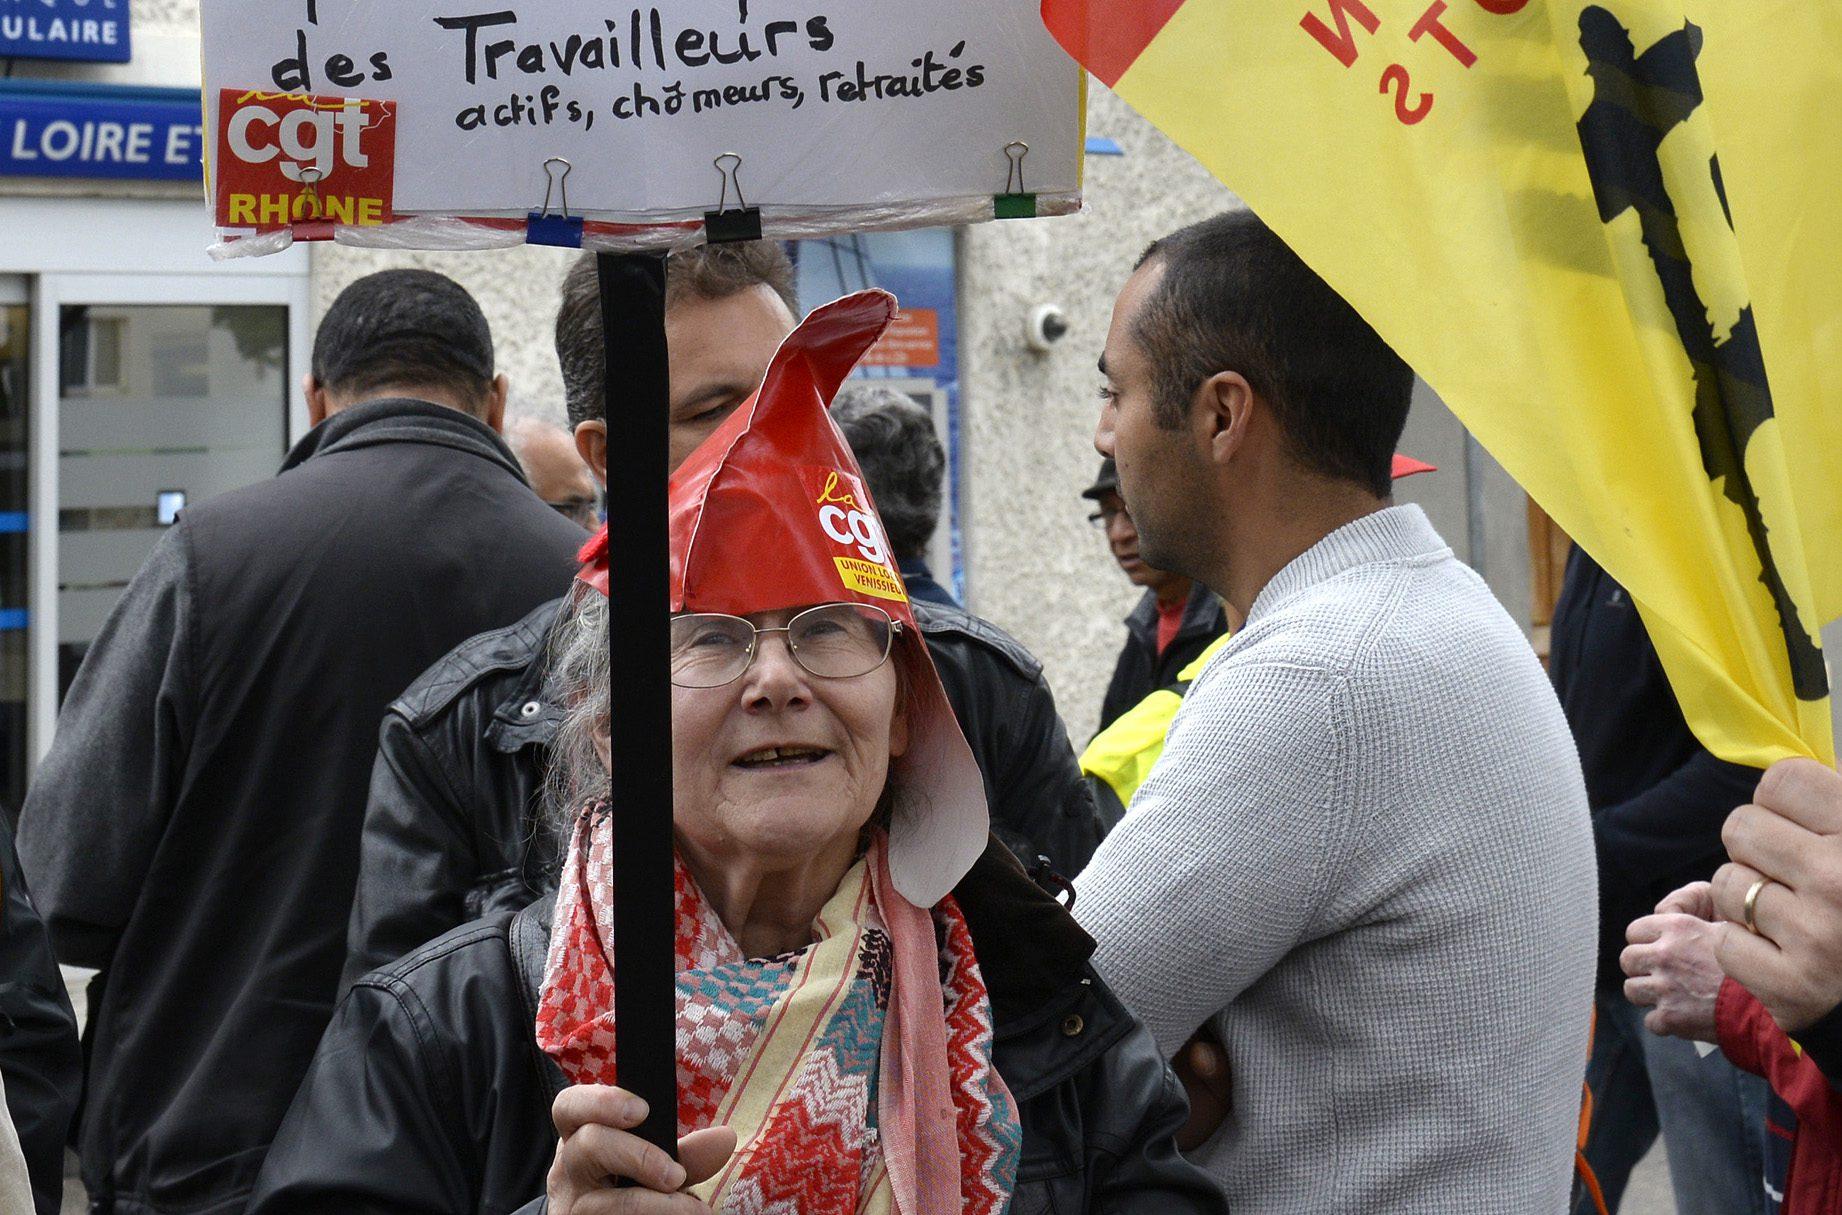 12 mai 2016. Rassemblement de militants CGT devant la permanence de Y.Blein dŽputŽ PS de la circonscrition, aprs l'annonce du passage de la loi travail (El Khomeri) via l'Art.49-3 le 10 mai.